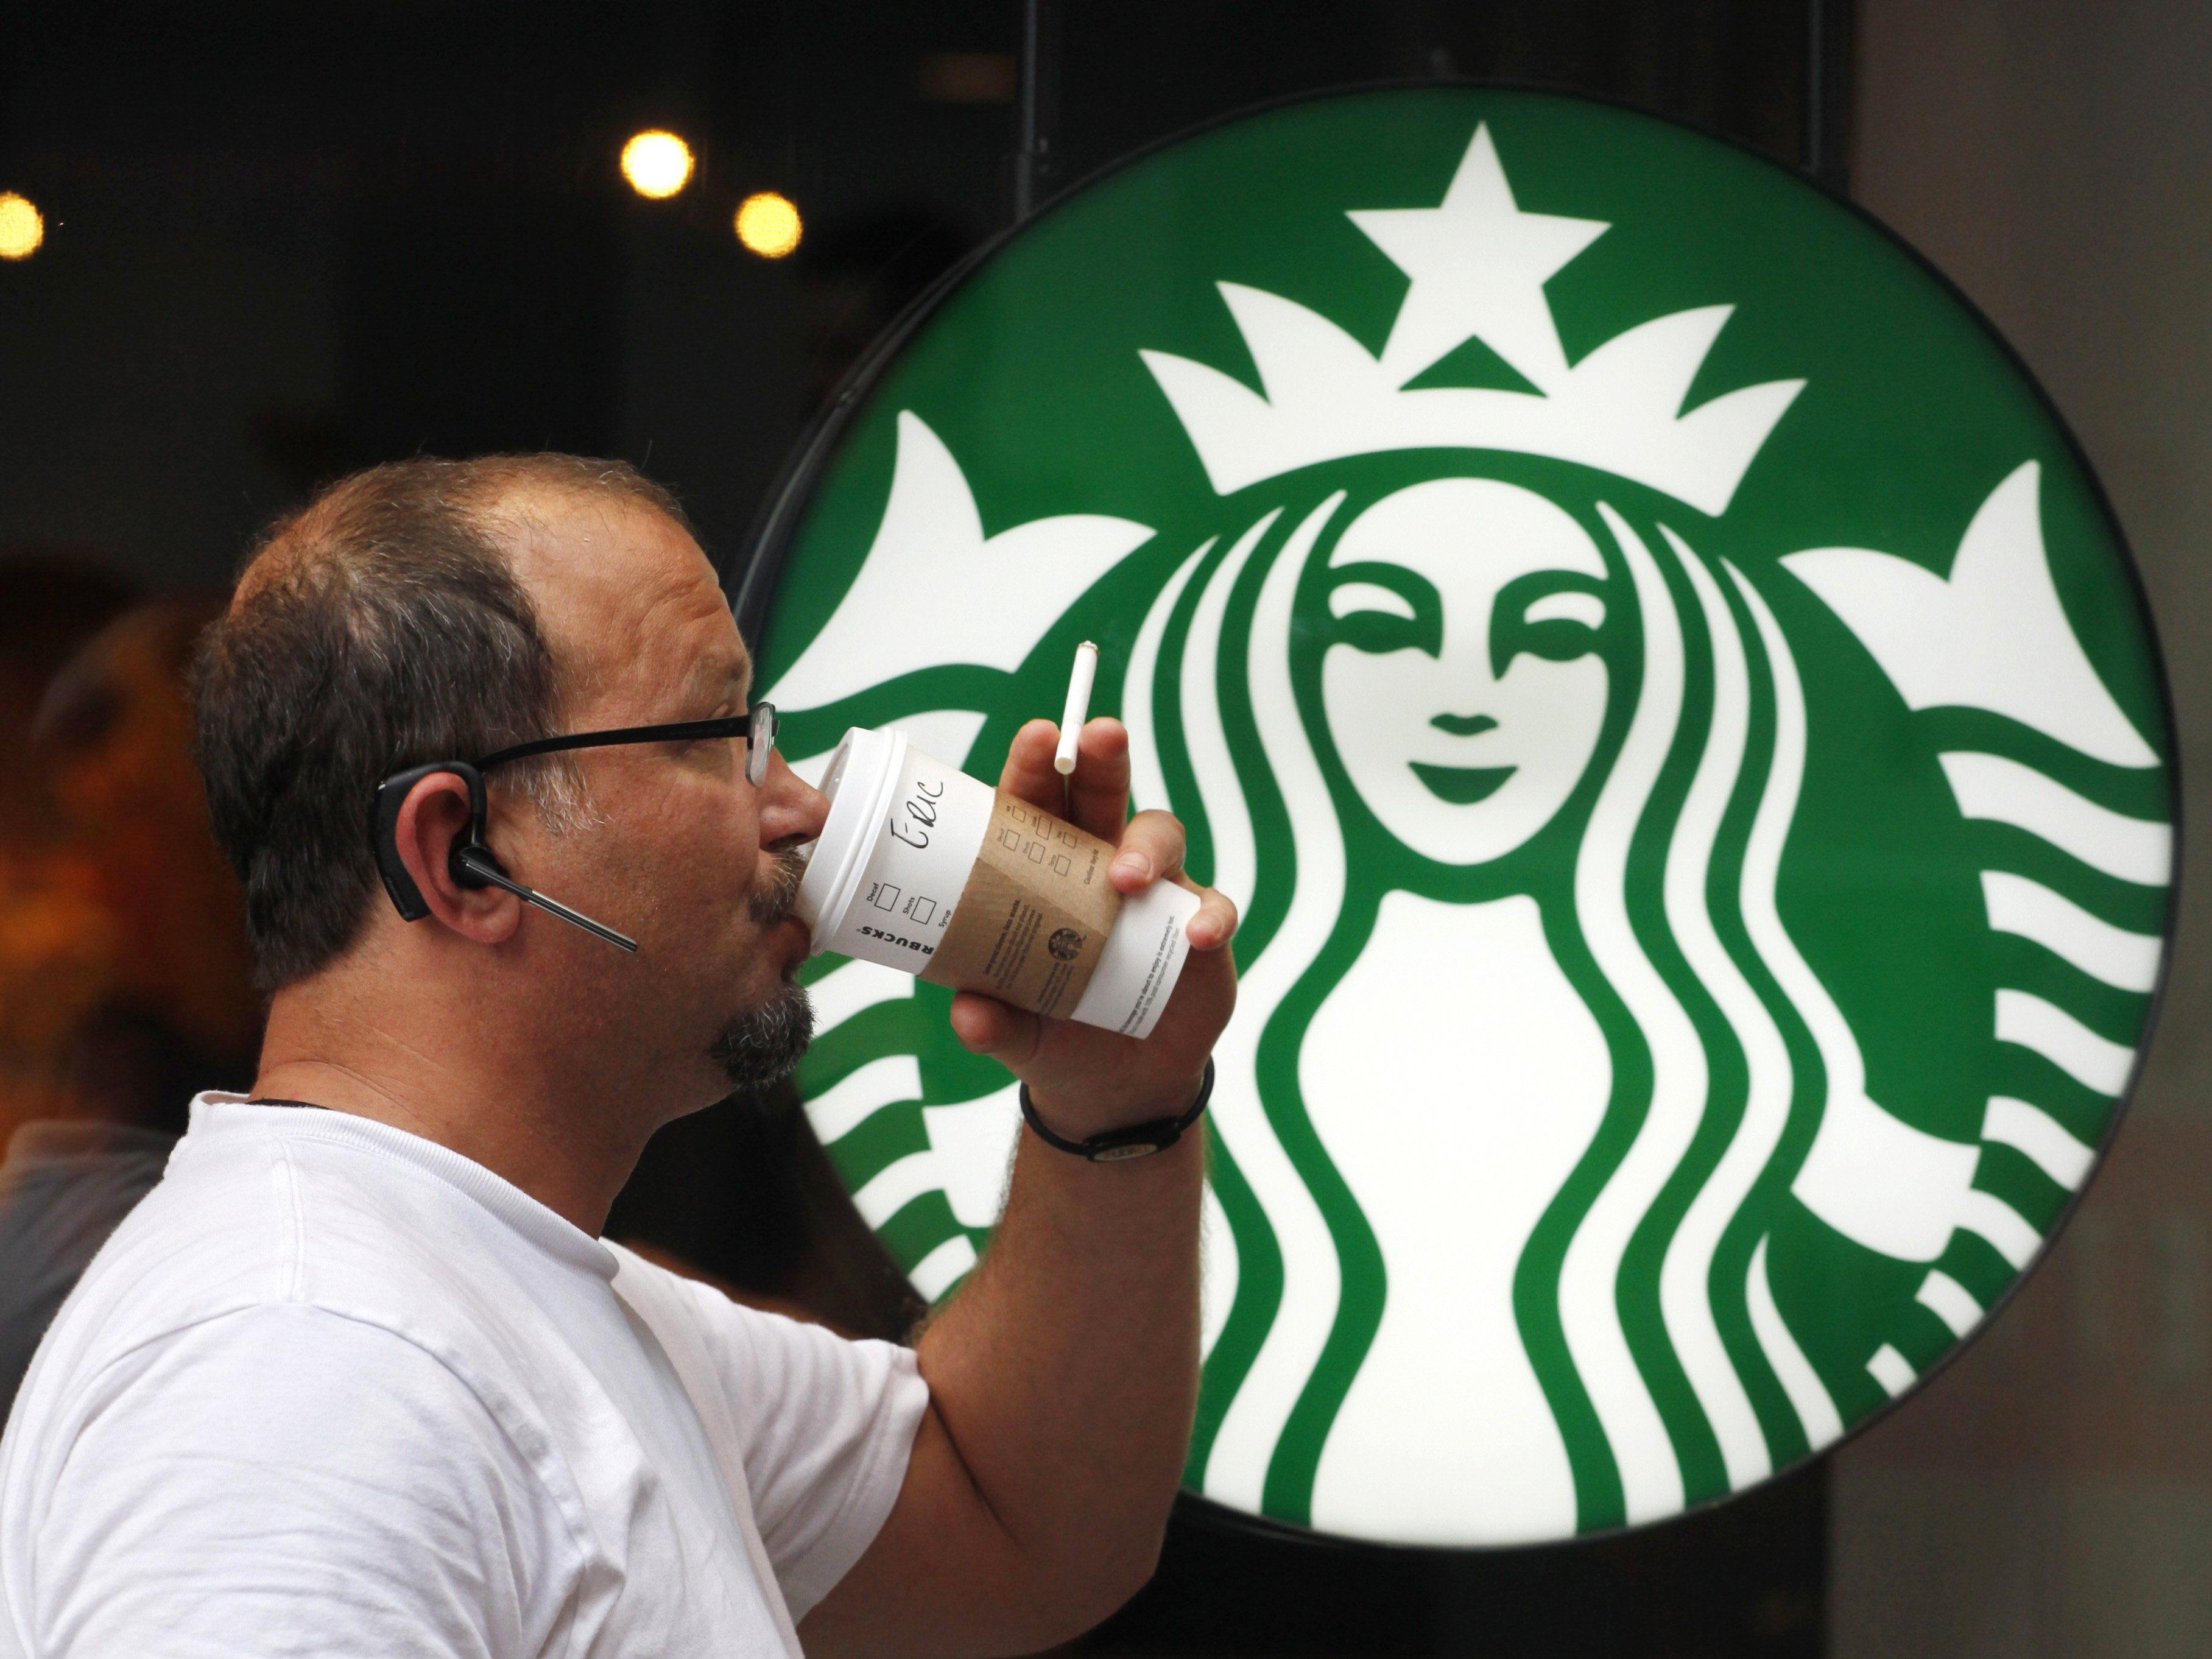 Dreister Kunde holt sich jeden Tag einen Kaffee umsonst bei Starbucks.